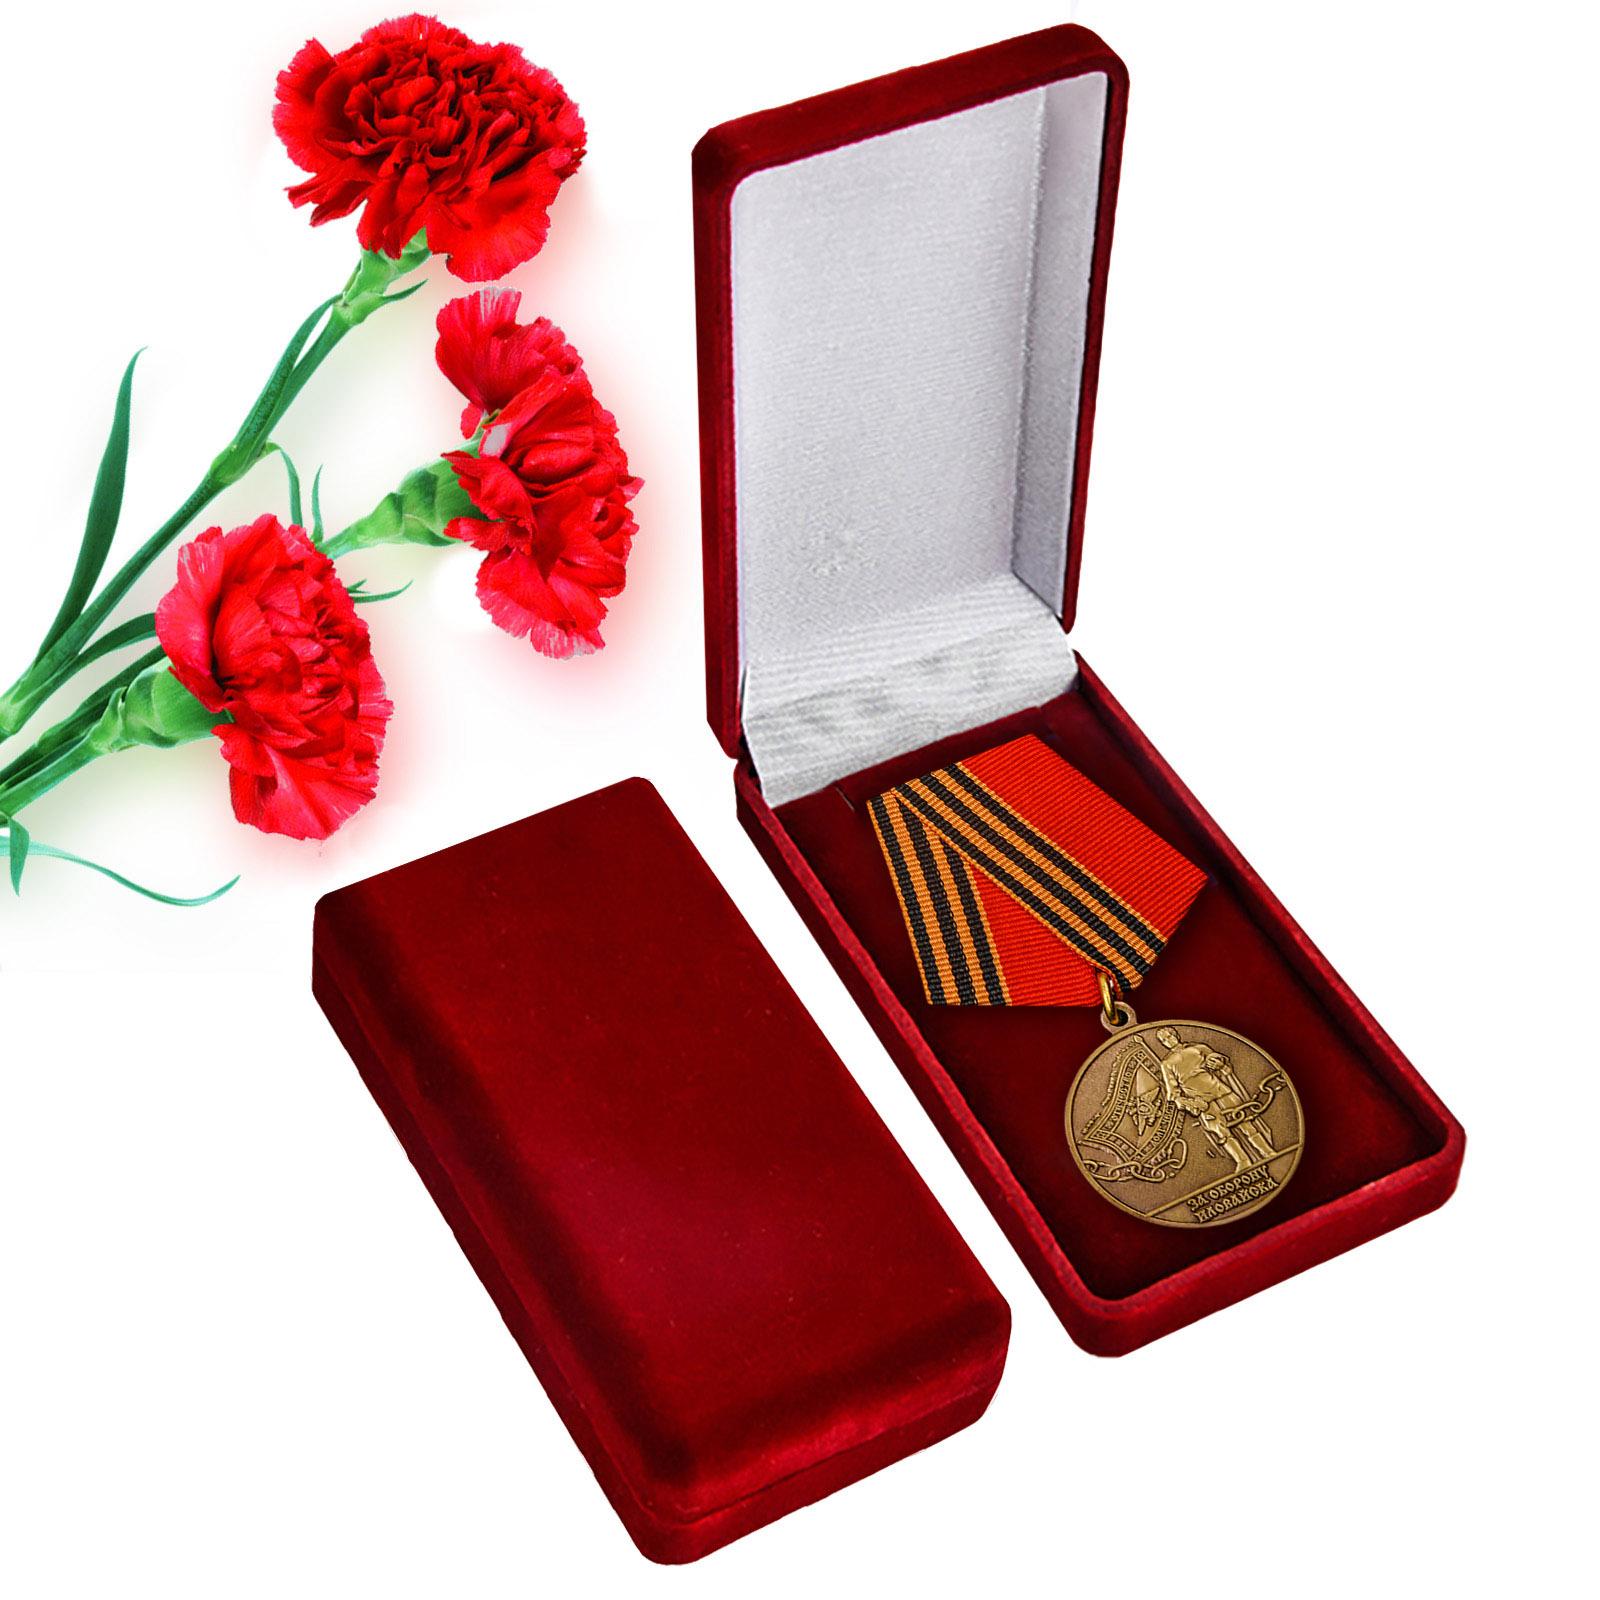 Купить медаль За оборону Иловайска по специальной цене